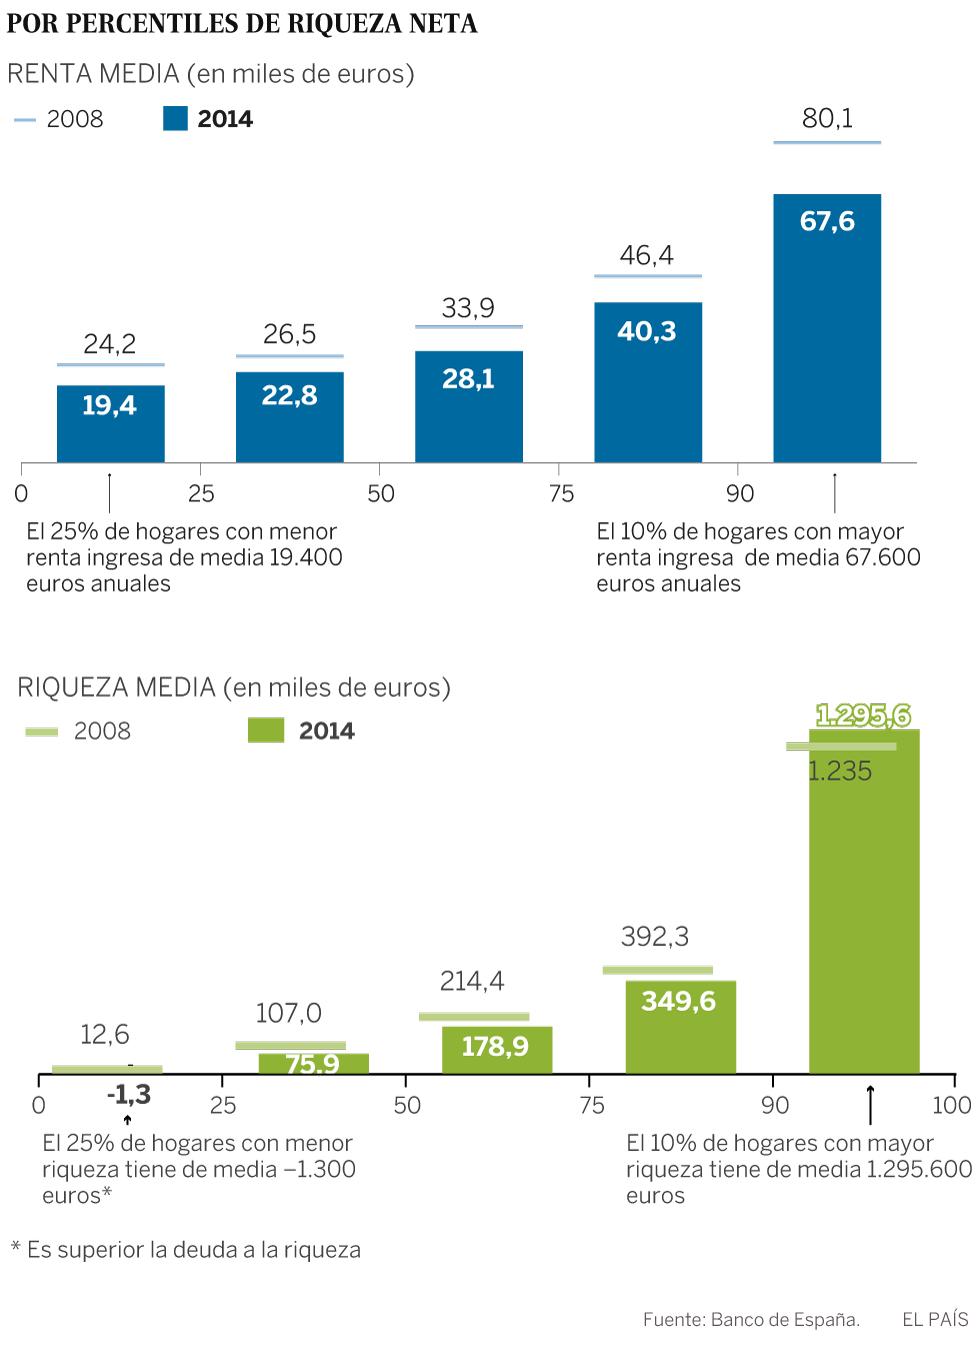 El 10% de la población más rica de España acumula el 52,8% de la riqueza